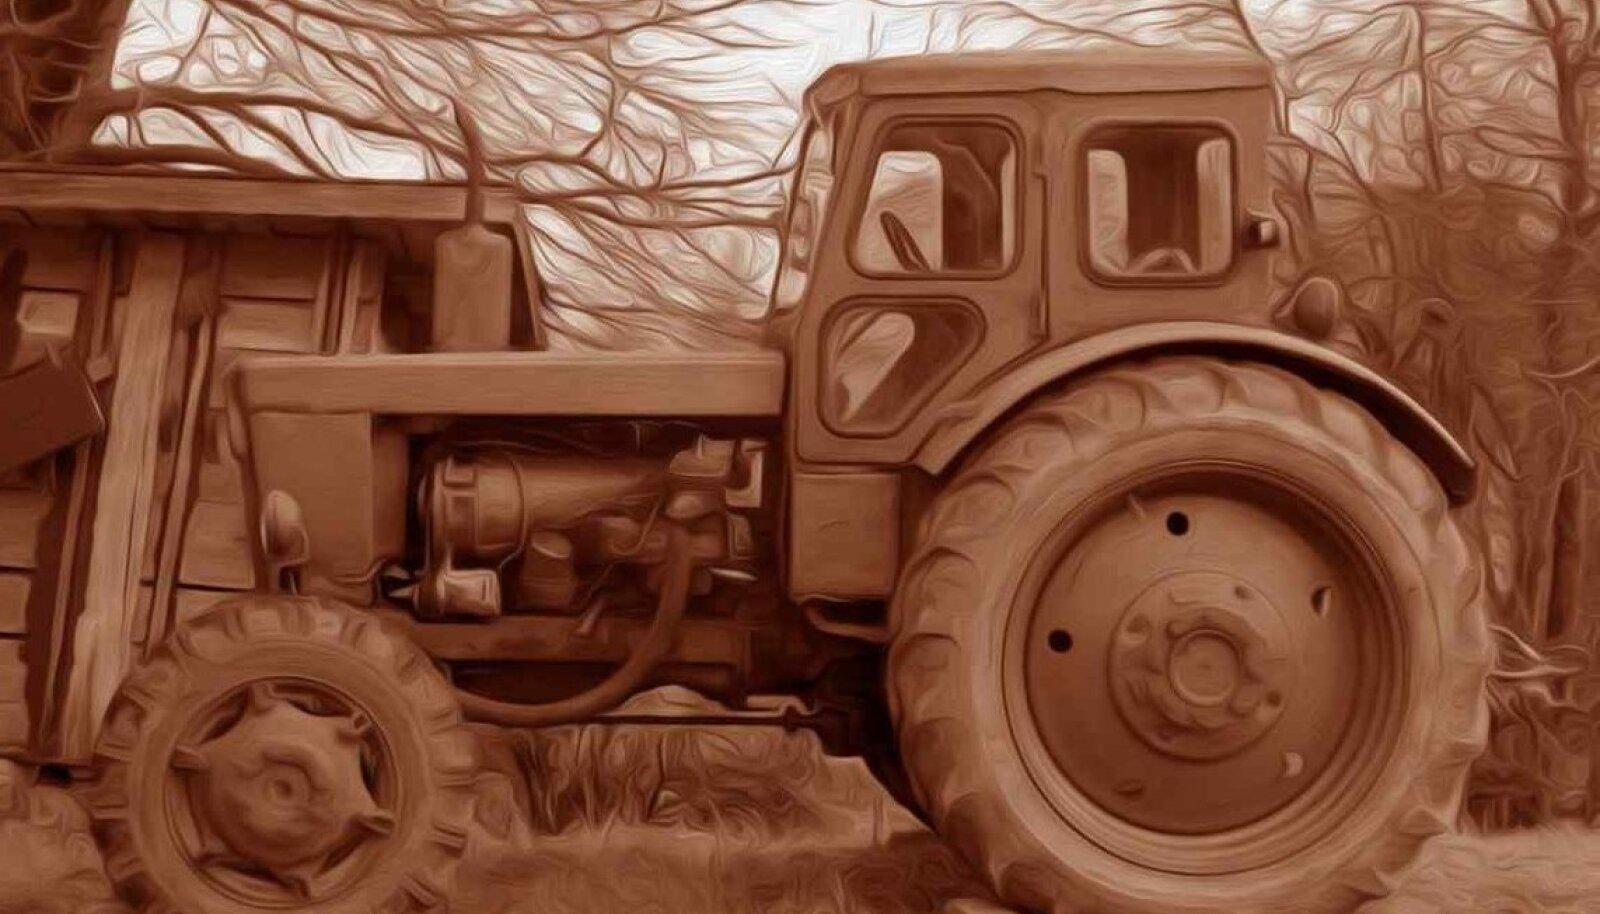 """EKL ja Maaleht esitlevad: Elust maal. Mauri Gross """"Absolut corrosion"""", õli, lõuend, 2x2 m, 2017."""